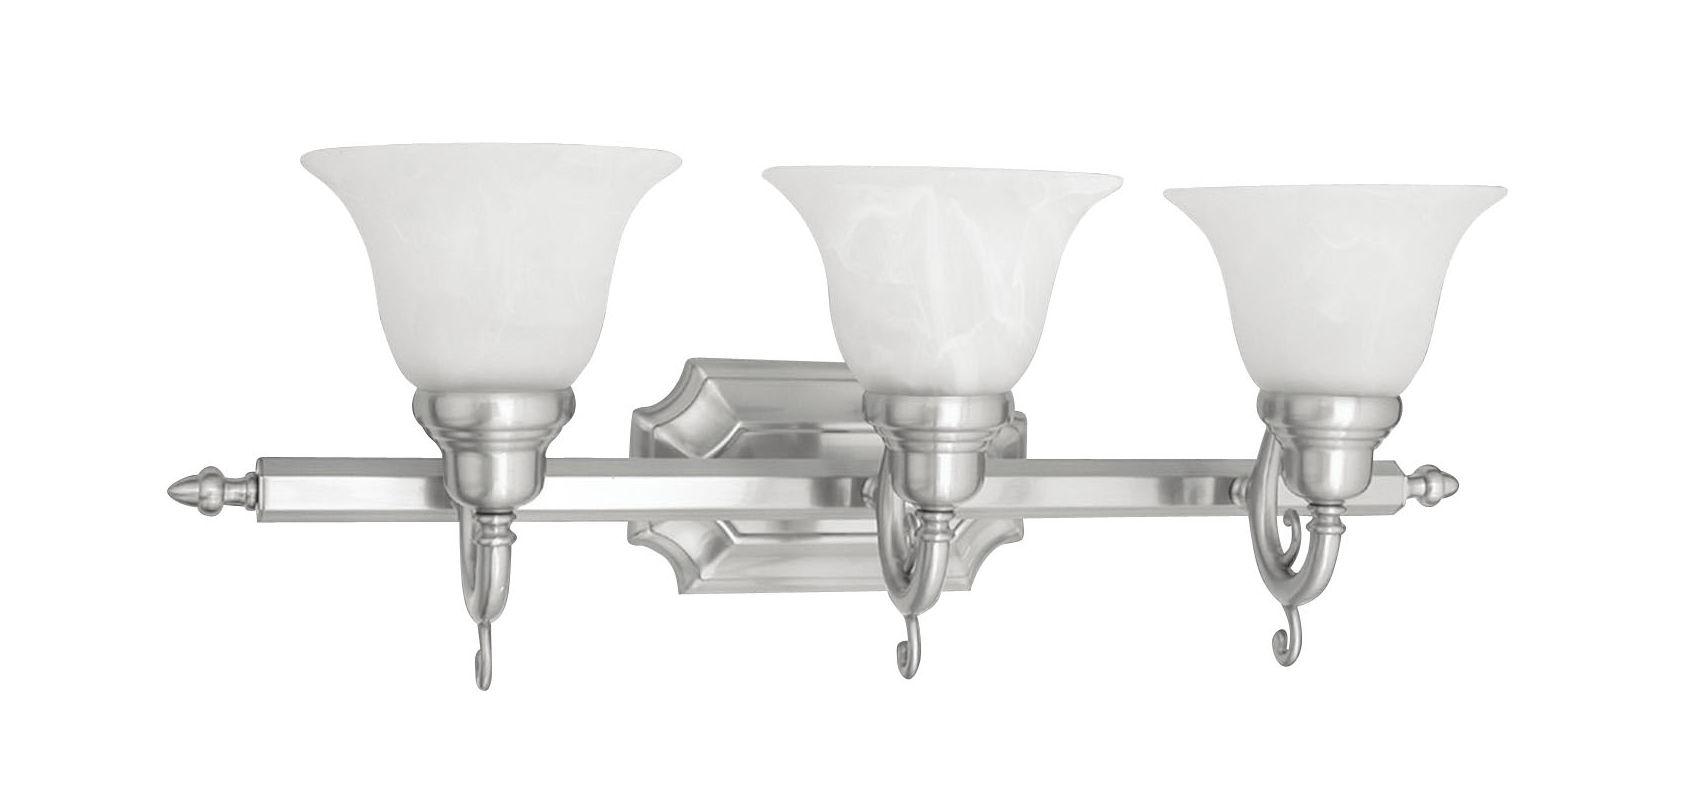 Livex Lighting 1283S French Regency 3 Light Bathroom Vanity Light